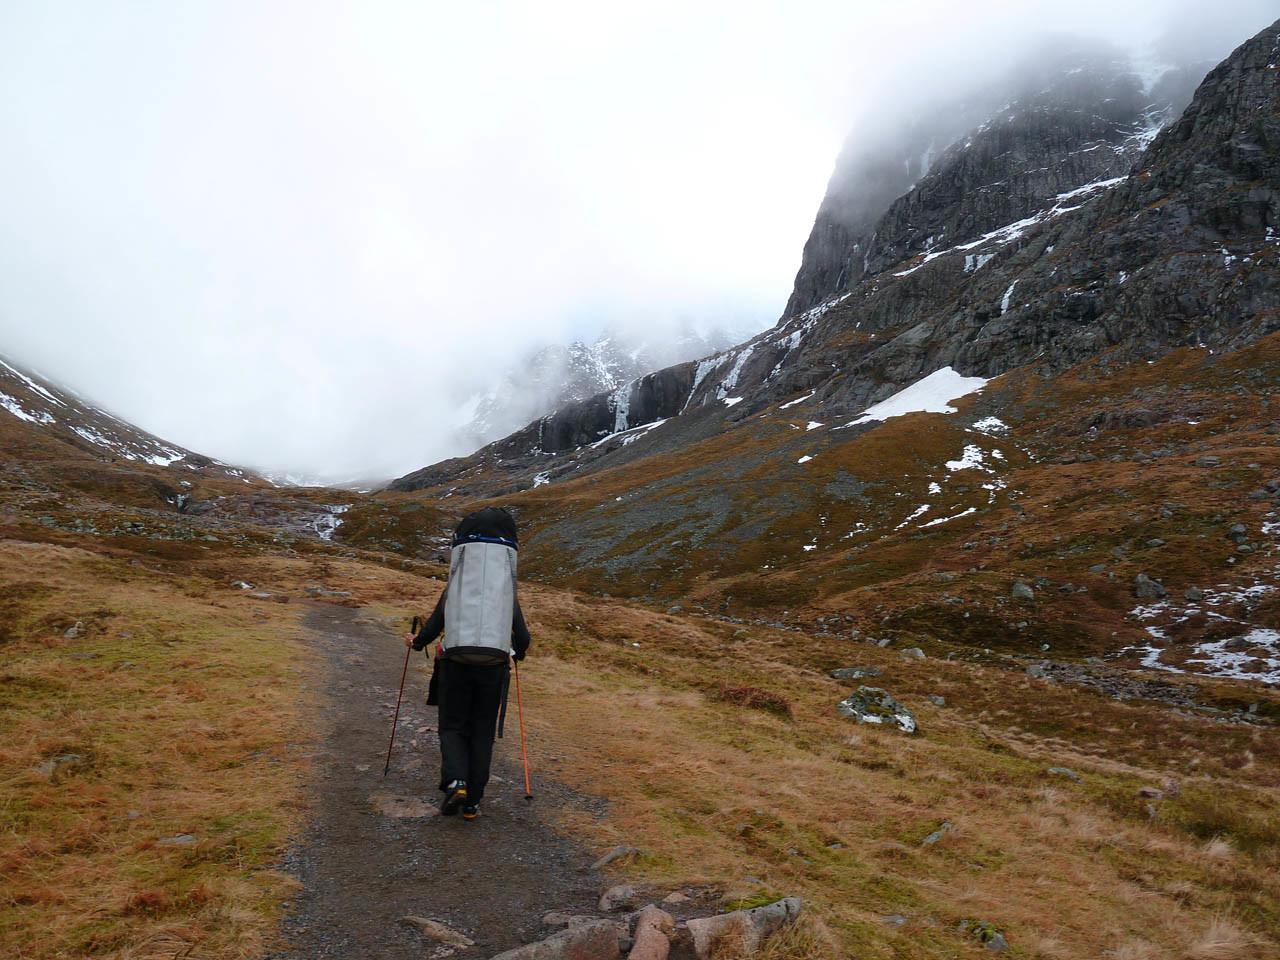 Agréable marche d'approche vers le CIC hut, chargés comme des mulets